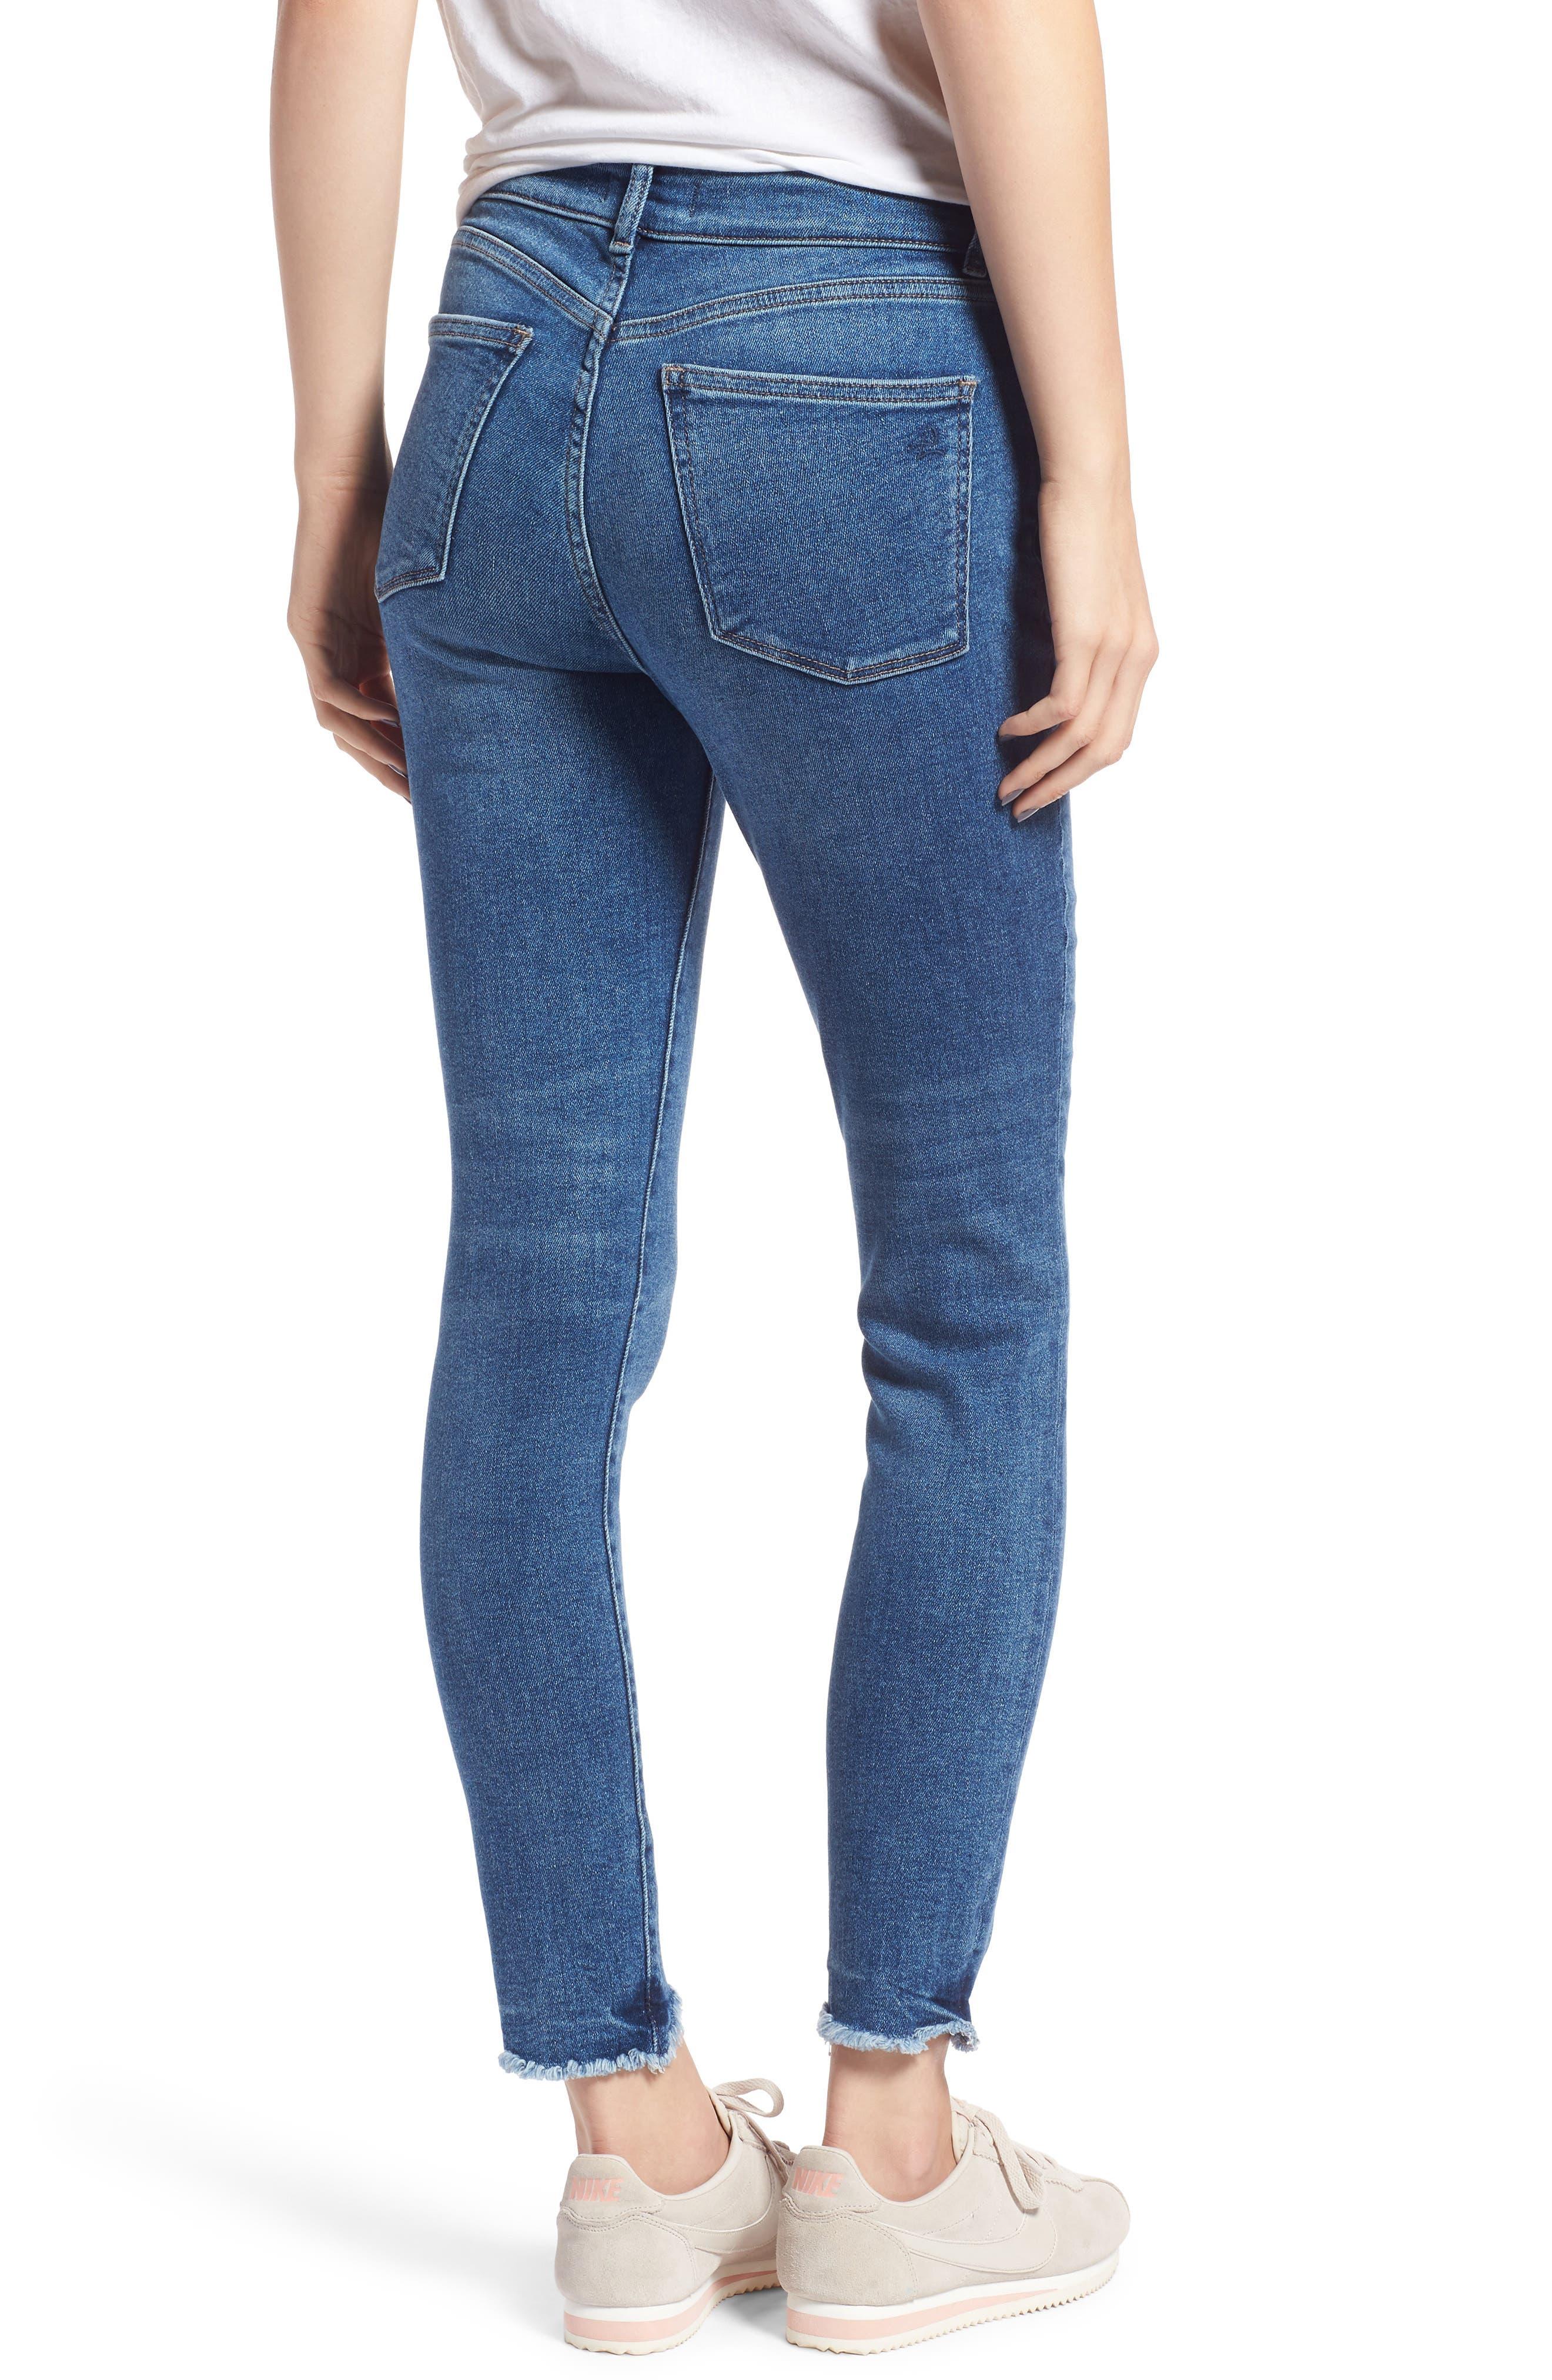 Farrow High Waist Skinny Jeans,                             Alternate thumbnail 2, color,                             422